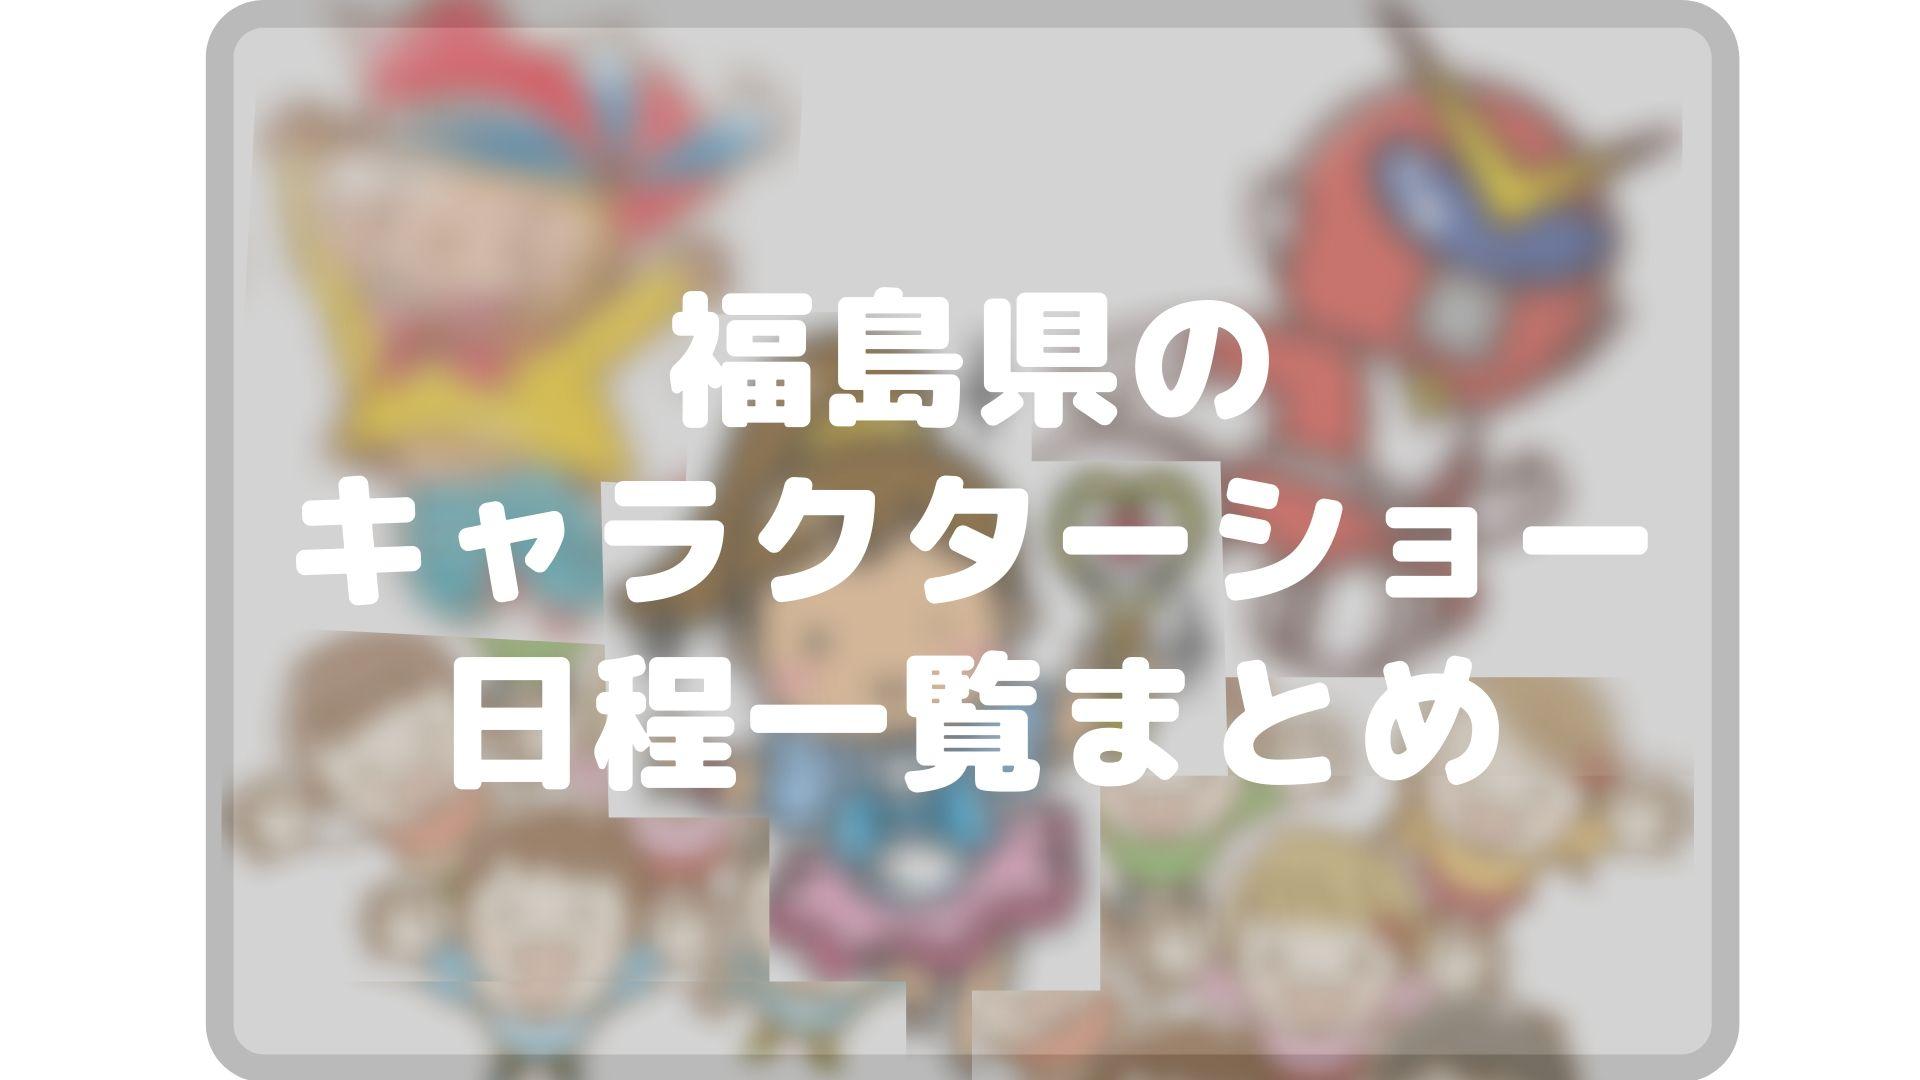 福島県のキャラクターショーまとめタイトル画像